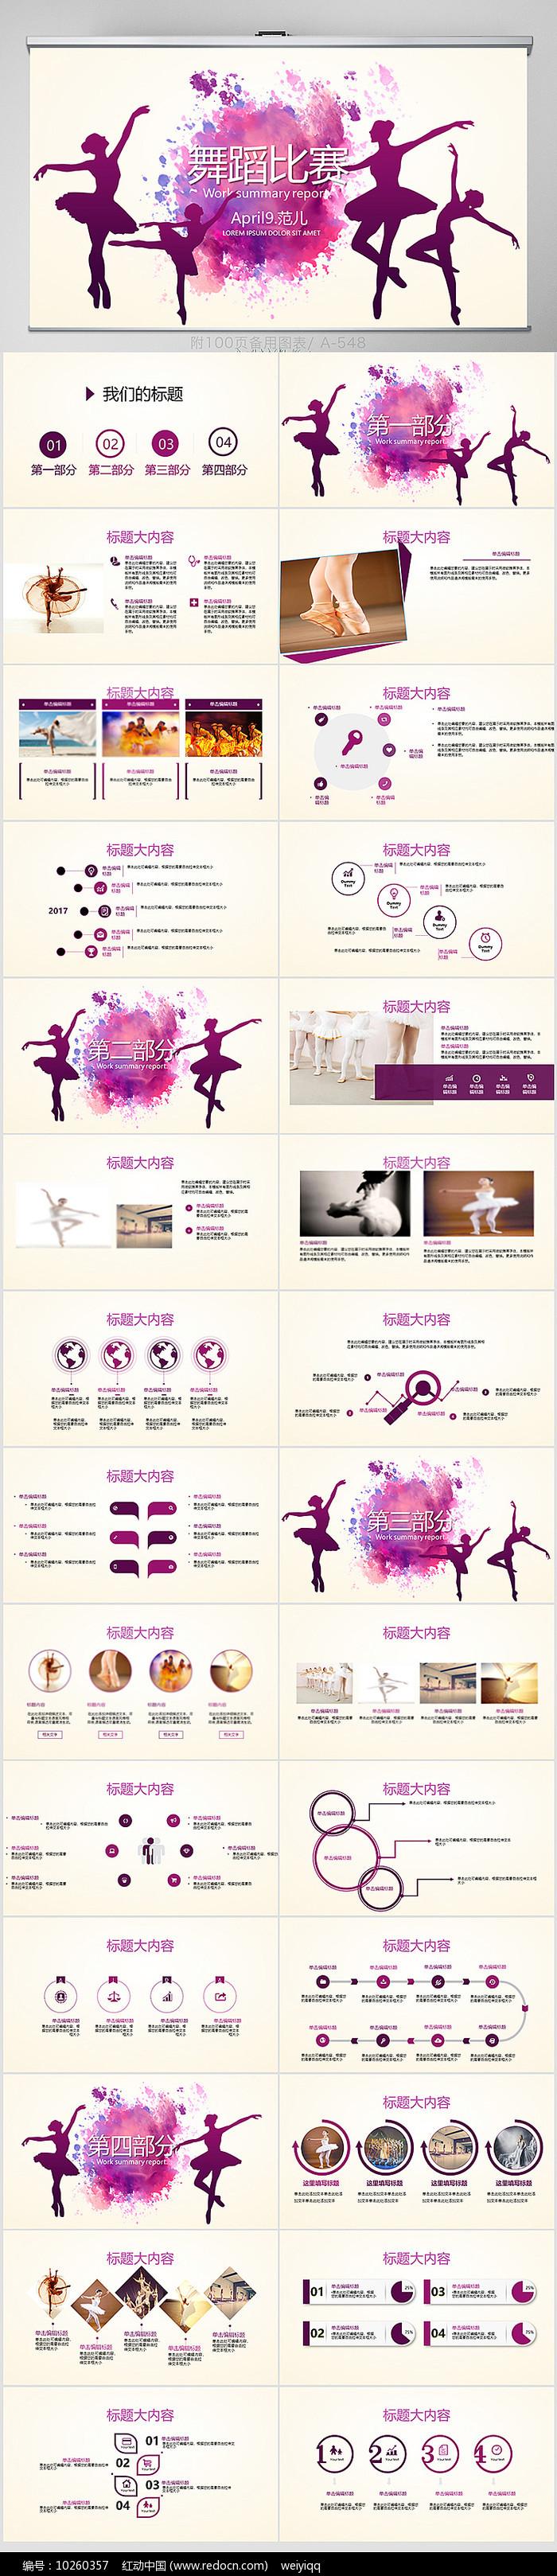 紫色简约芭蕾舞蹈比赛PPT图片